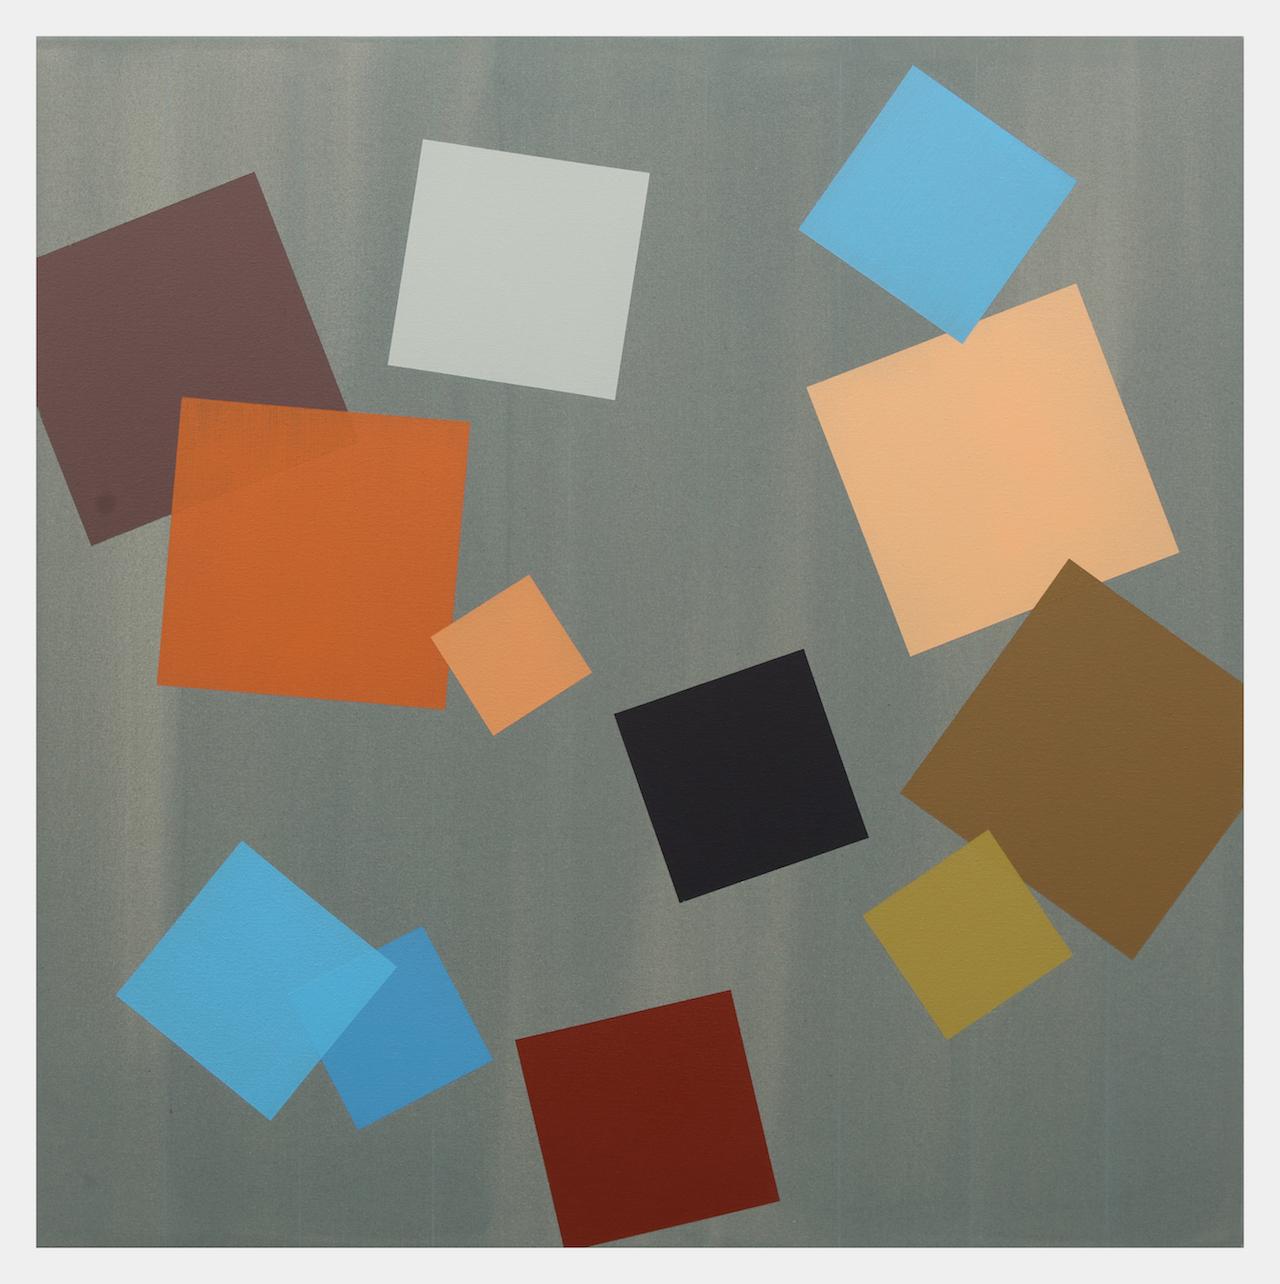 Grey Grid (2015), acrylic on canvas, 24